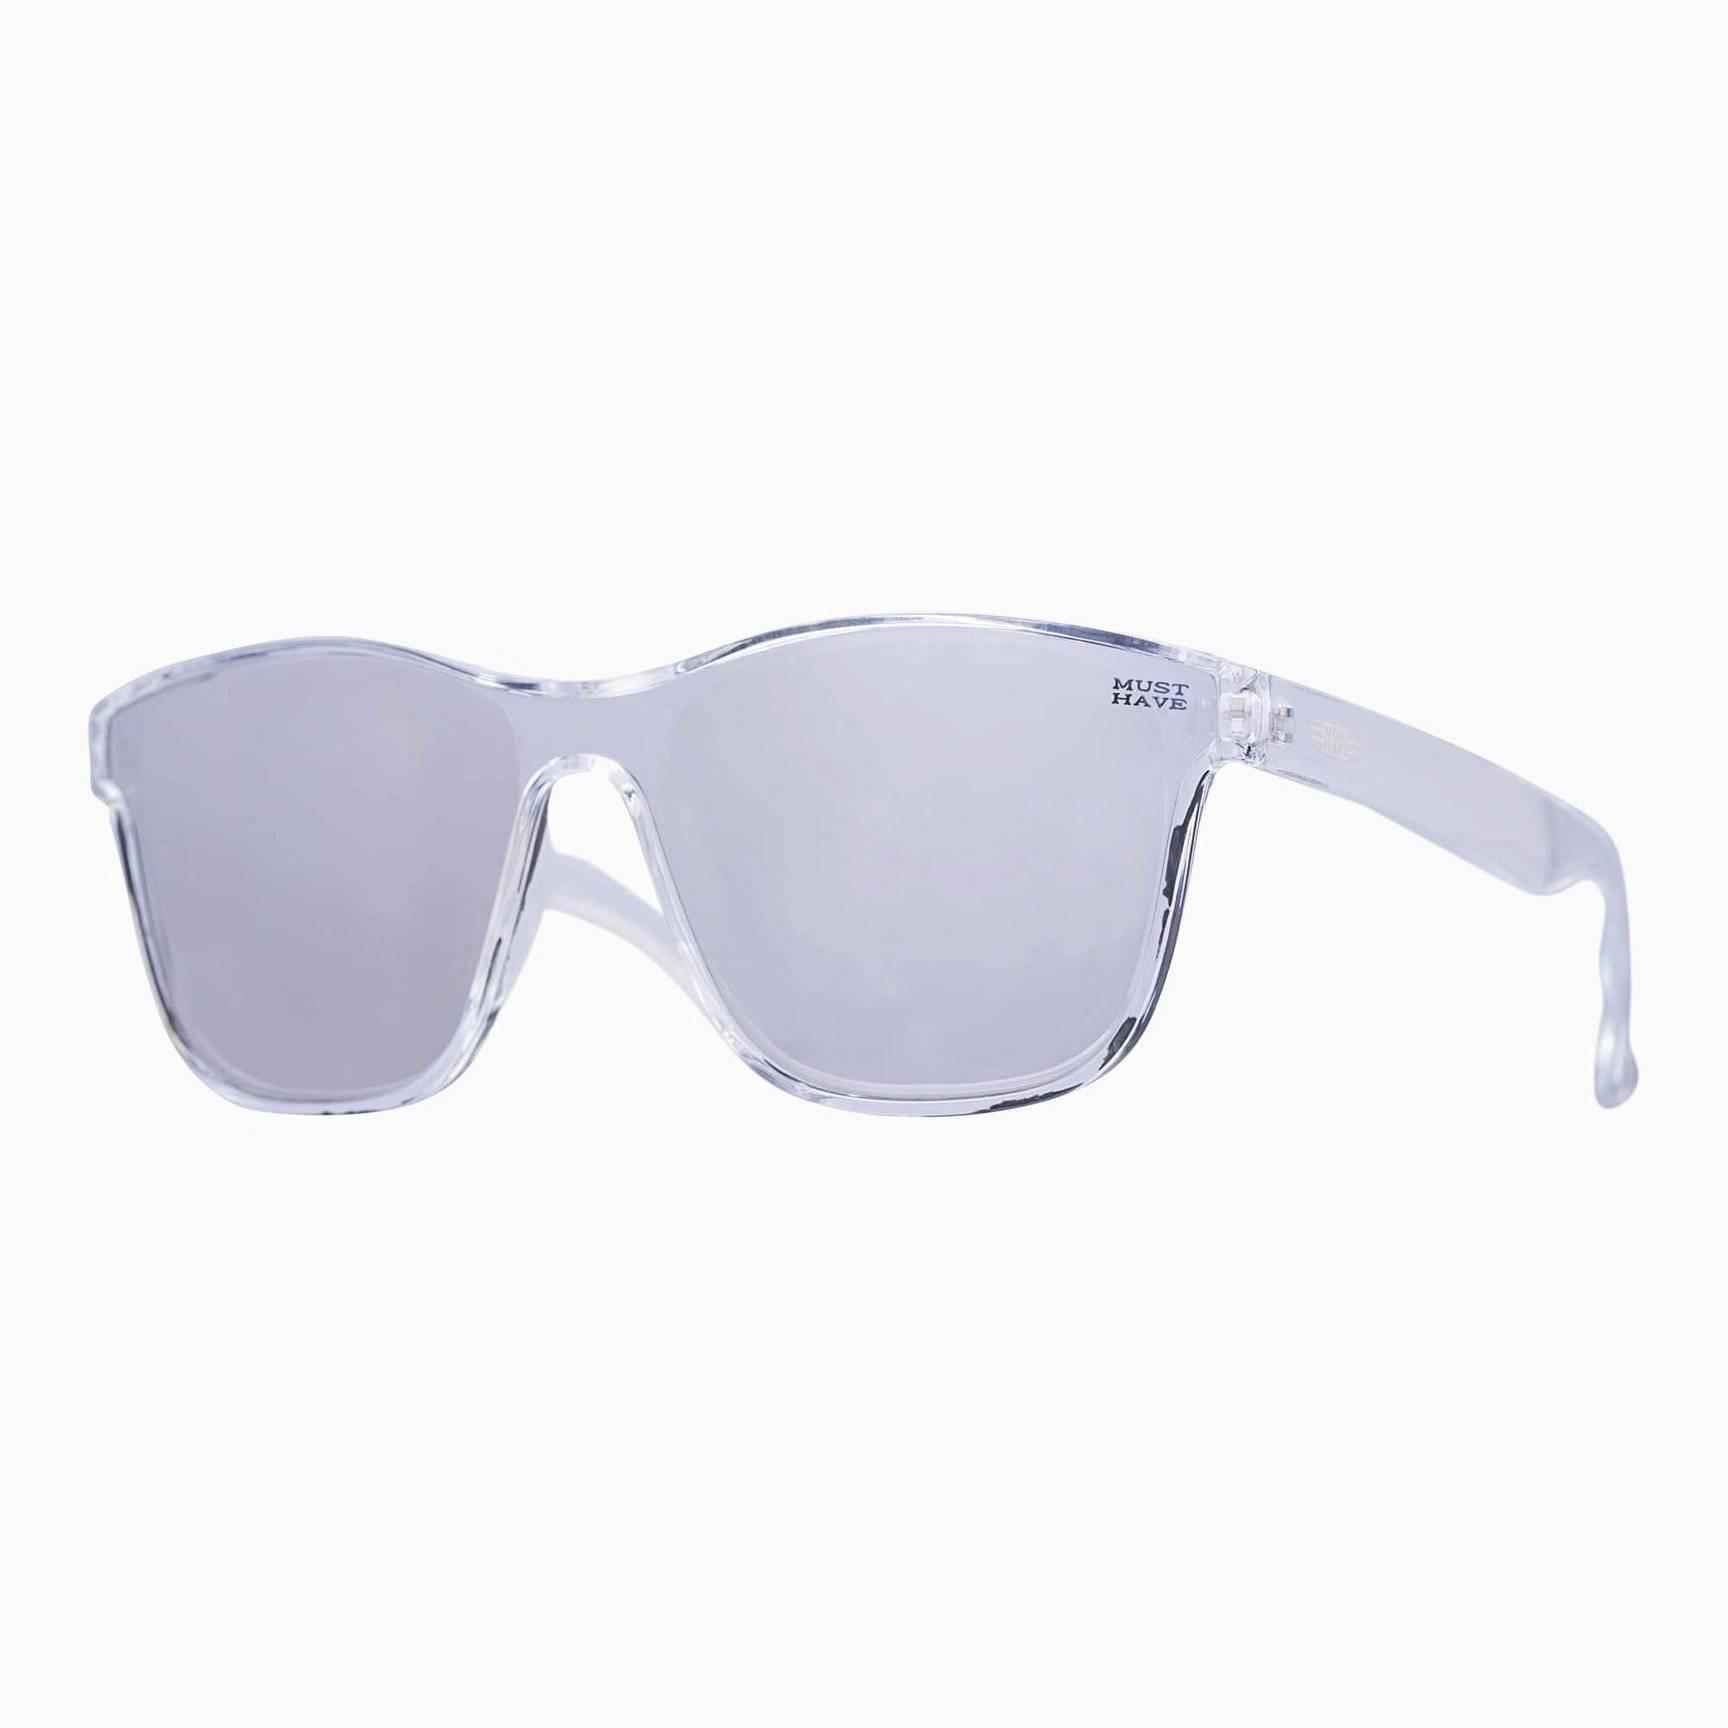 https://cdn.shopify.com/s/files/1/0051/0708/9481/products/mh-next-8-chrome-glass-front_39a80b51-8653-49f7-99dd-47fc77b4570a_1080x.jpg?v=1546592933